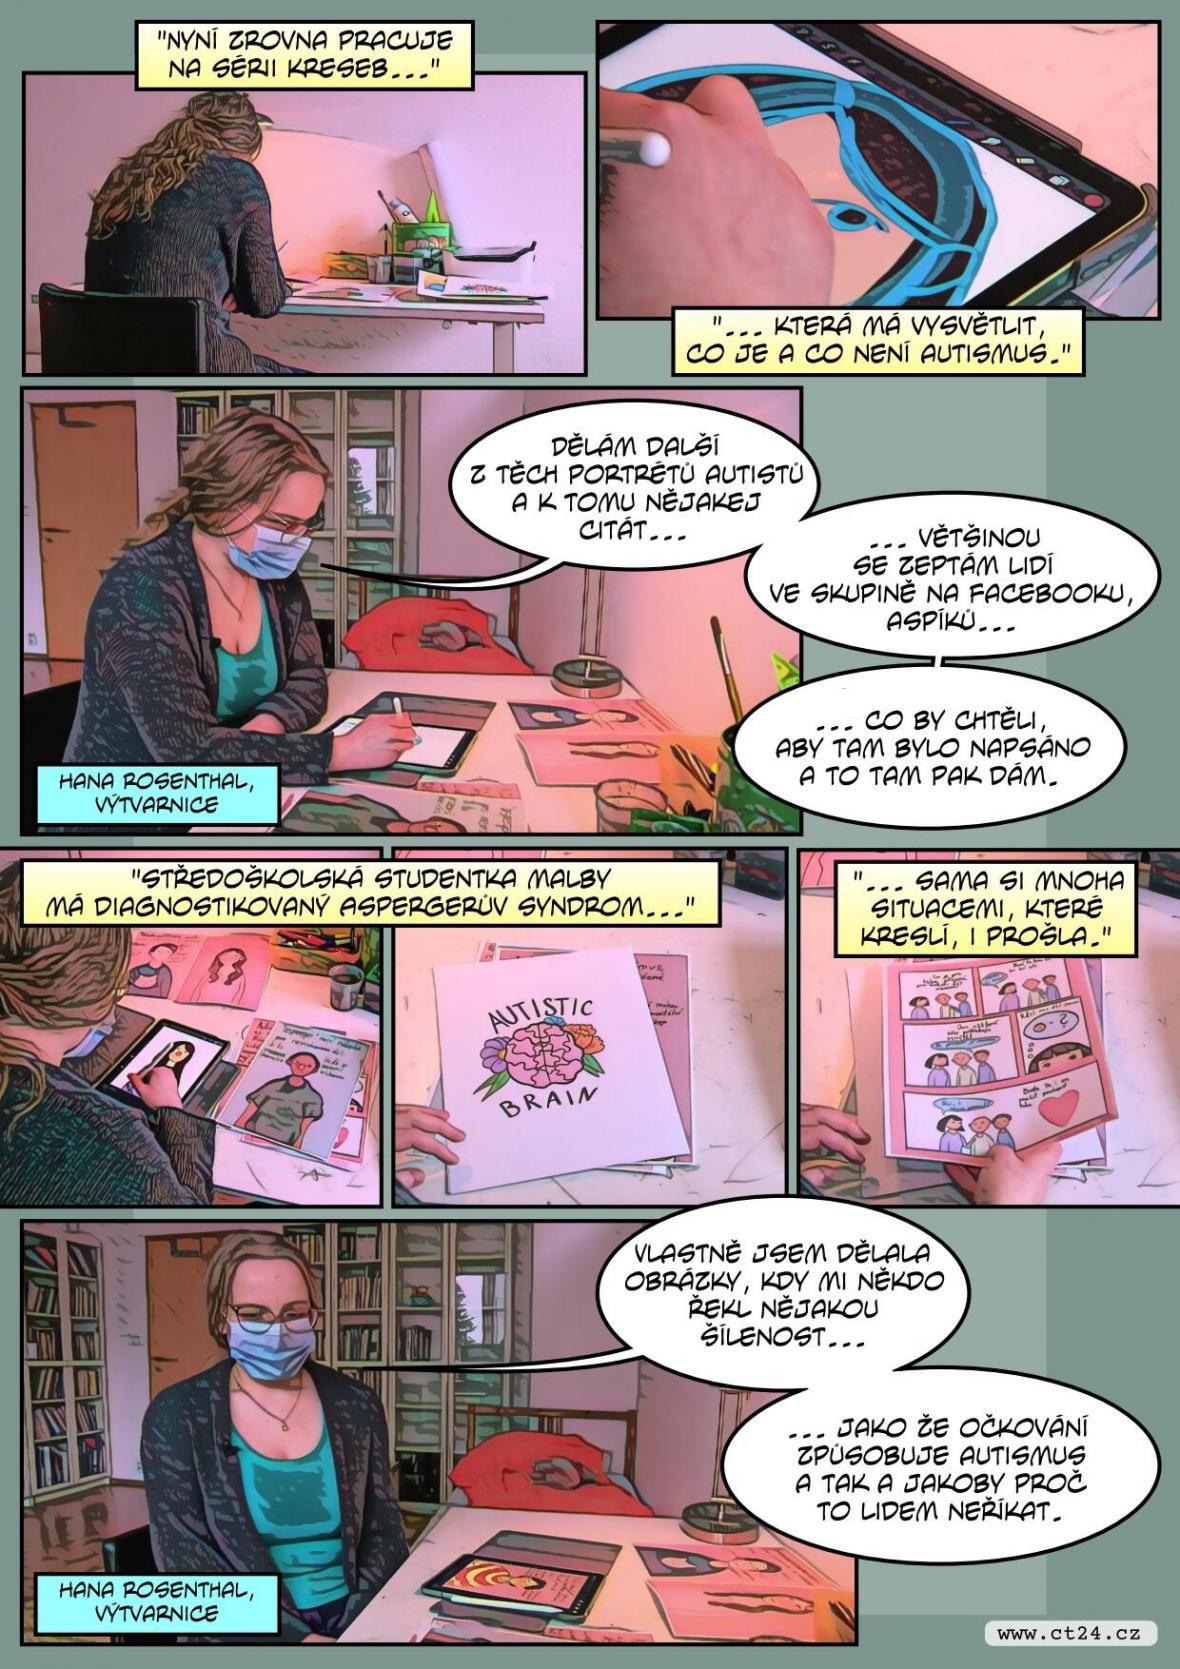 Mladá kreslířka se pomocí komiksu snaží vyvracet předsudky o autismu